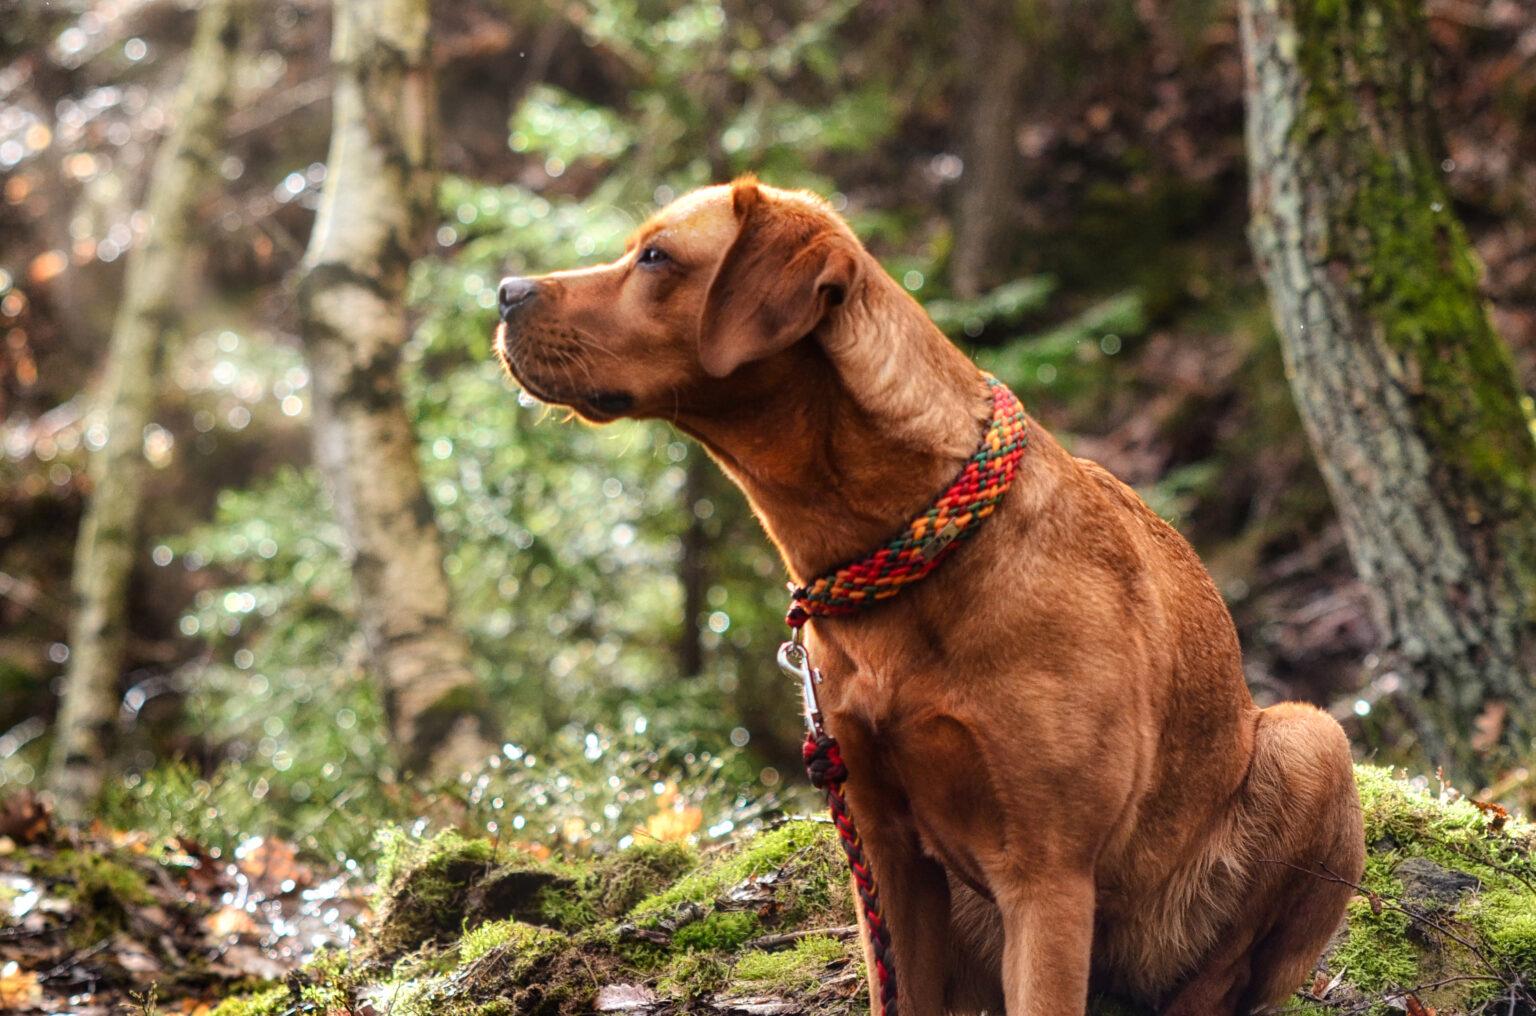 Die Halsbänder sind nicht nur zum Ausgehen, sondern für jede Situation und jedes Wetter geeignet. Das beweist Labradorlady Mila, die mit Herrchen und Frauchen und dem passenden Equipment über Stock und Stein geht.